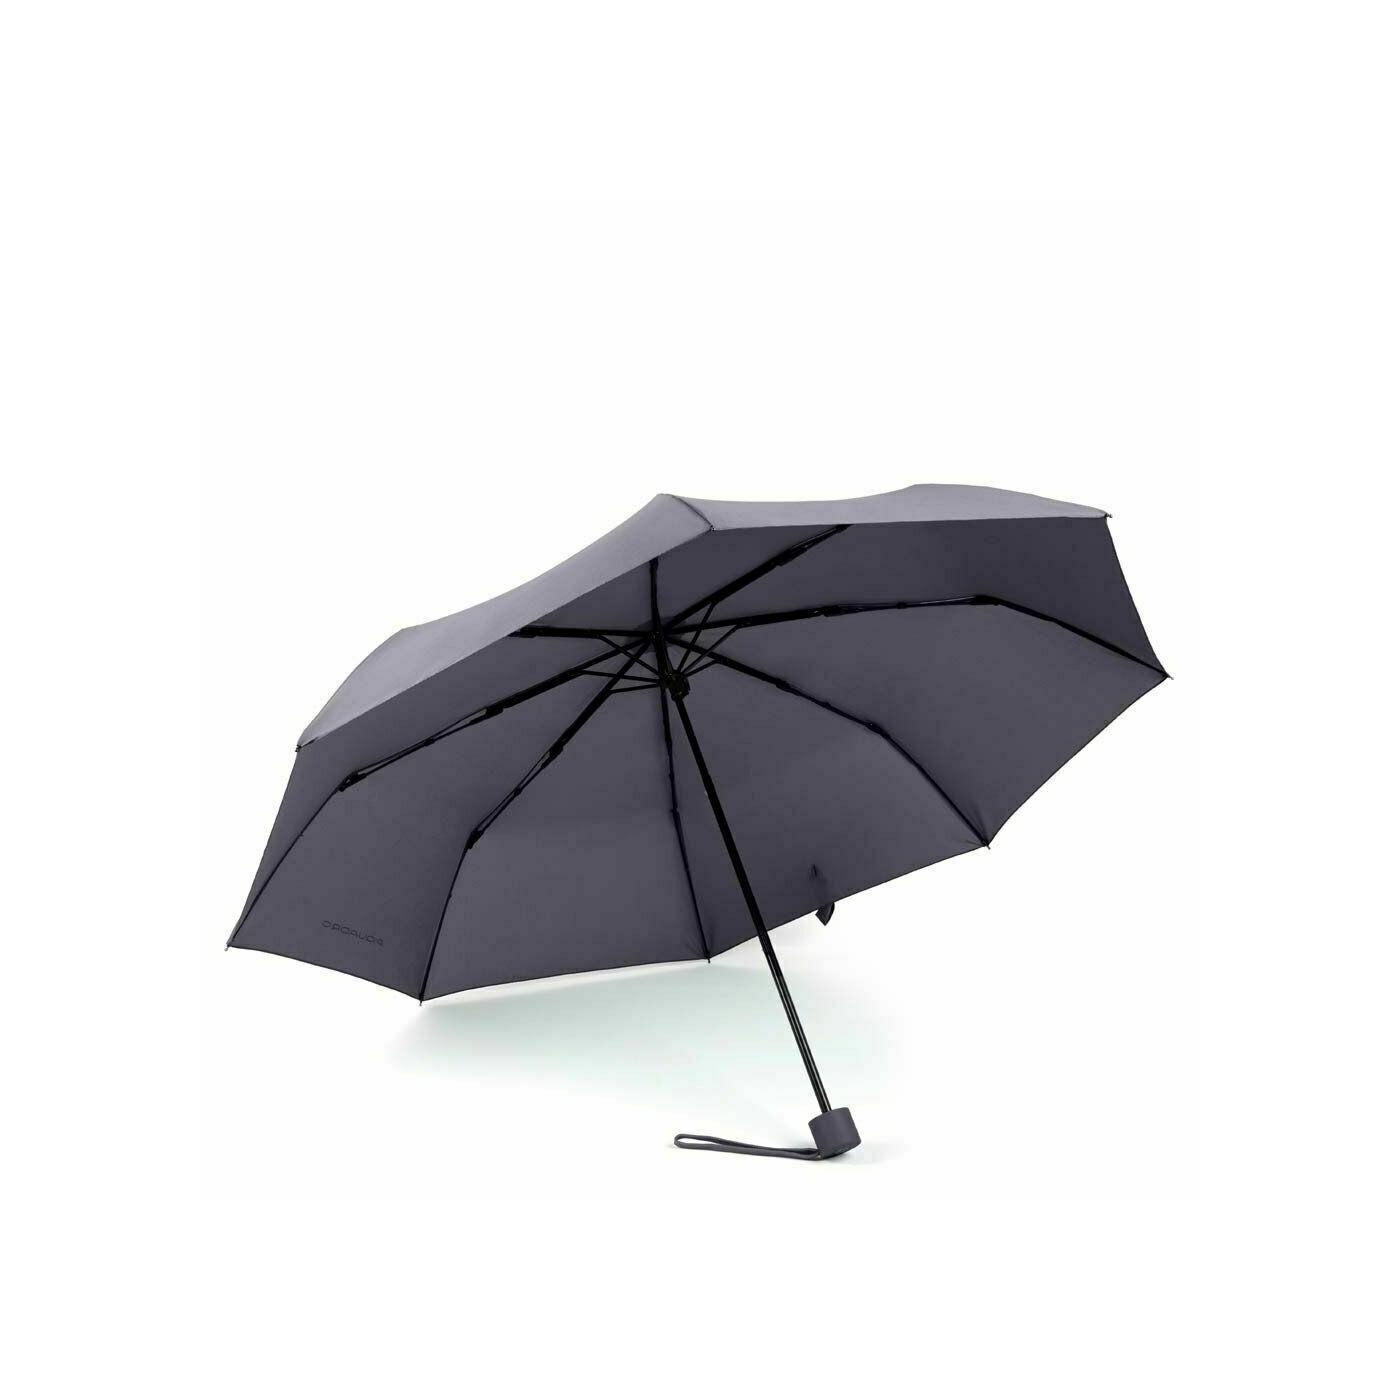 PIQUADRO Stationery ombrello pieghevole automatico grigio